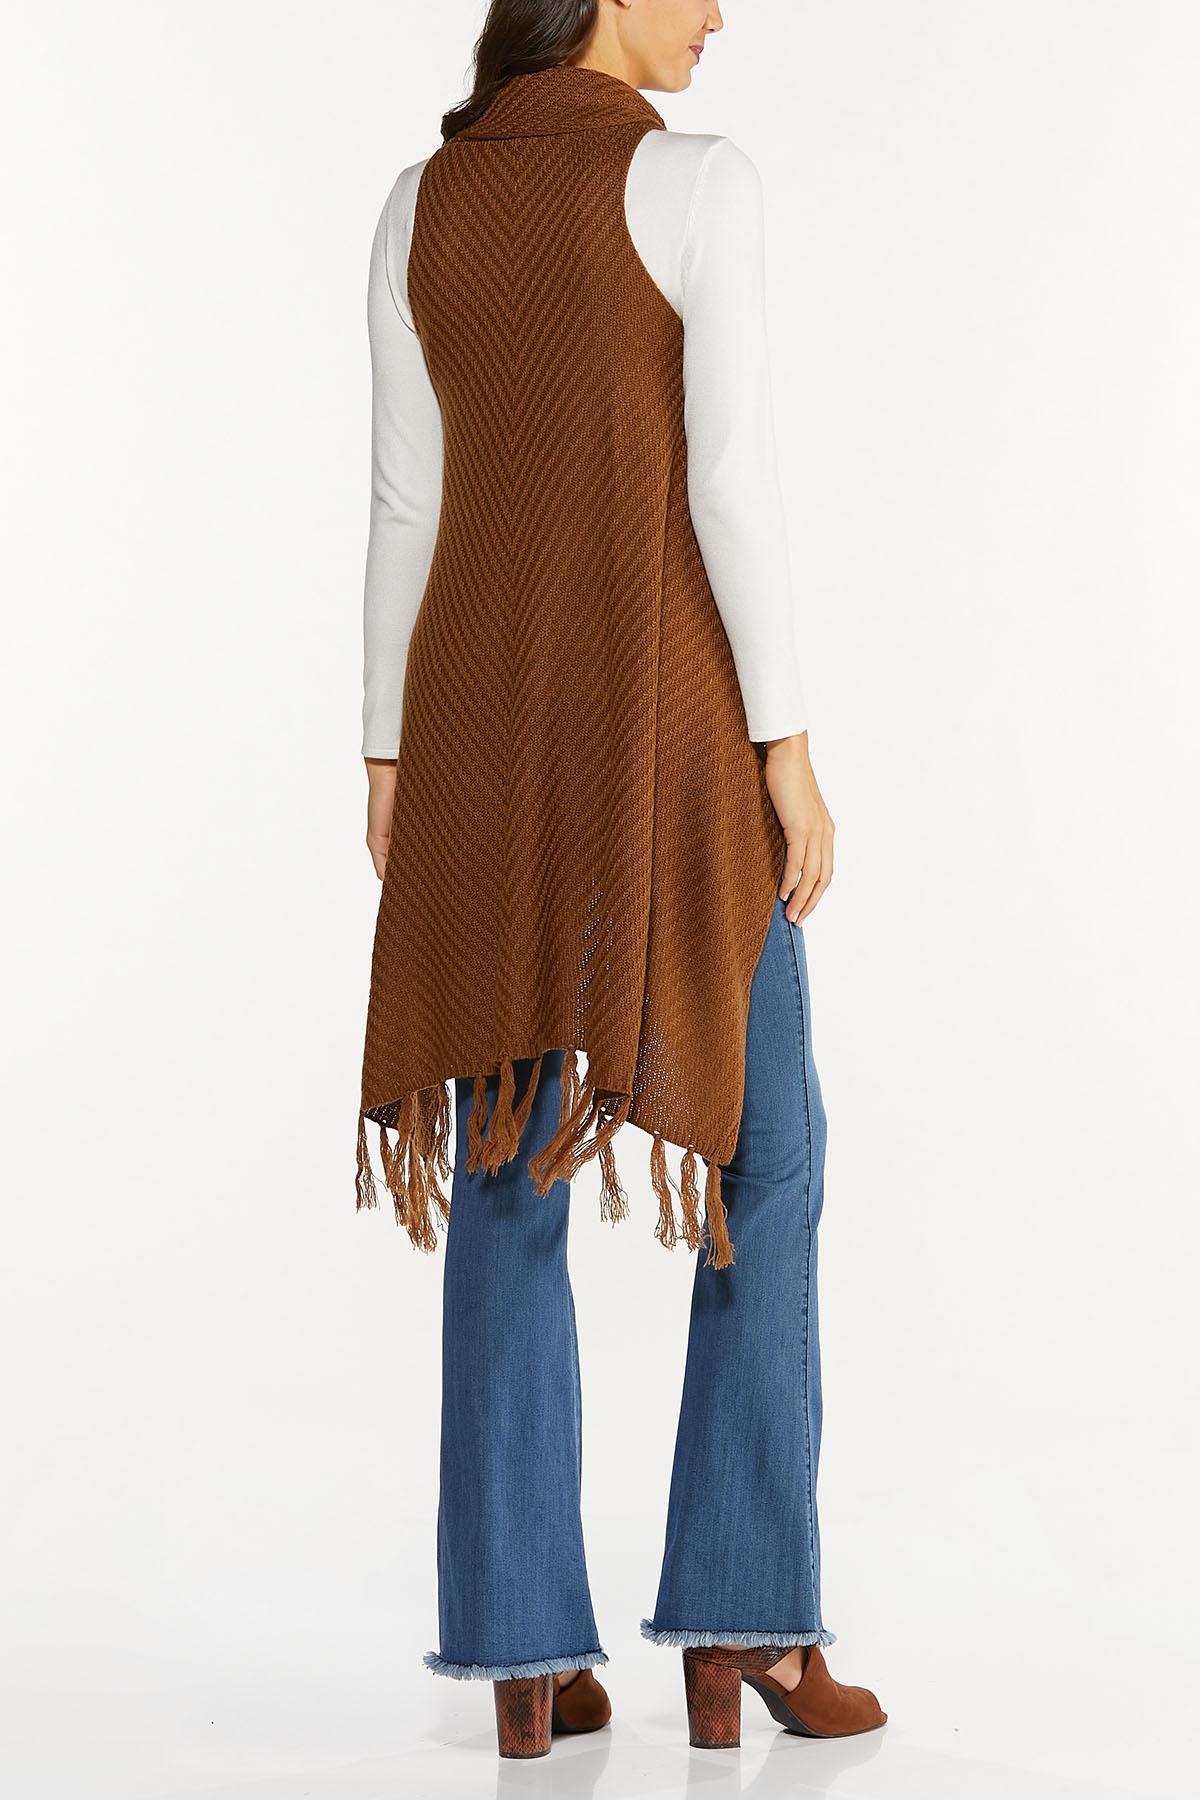 Fringed Sleeveless Cardigan Sweater (Item #44656895)